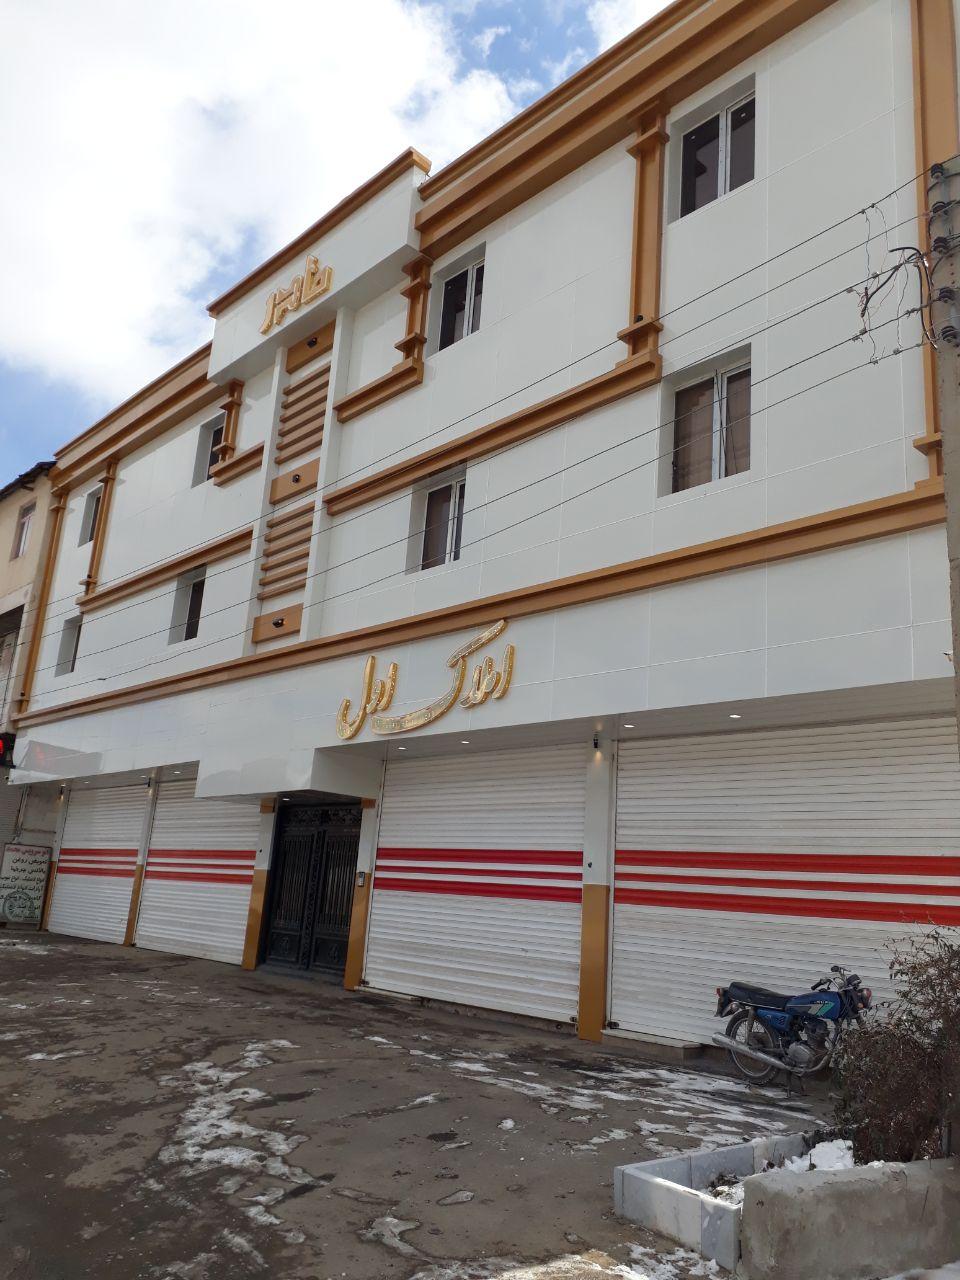 ساخت و اجرای نمای ساختمان و تابلوی فروشگاه از جنس ورق آلومینیوم کامپوزیت در مشهد . اجرای س